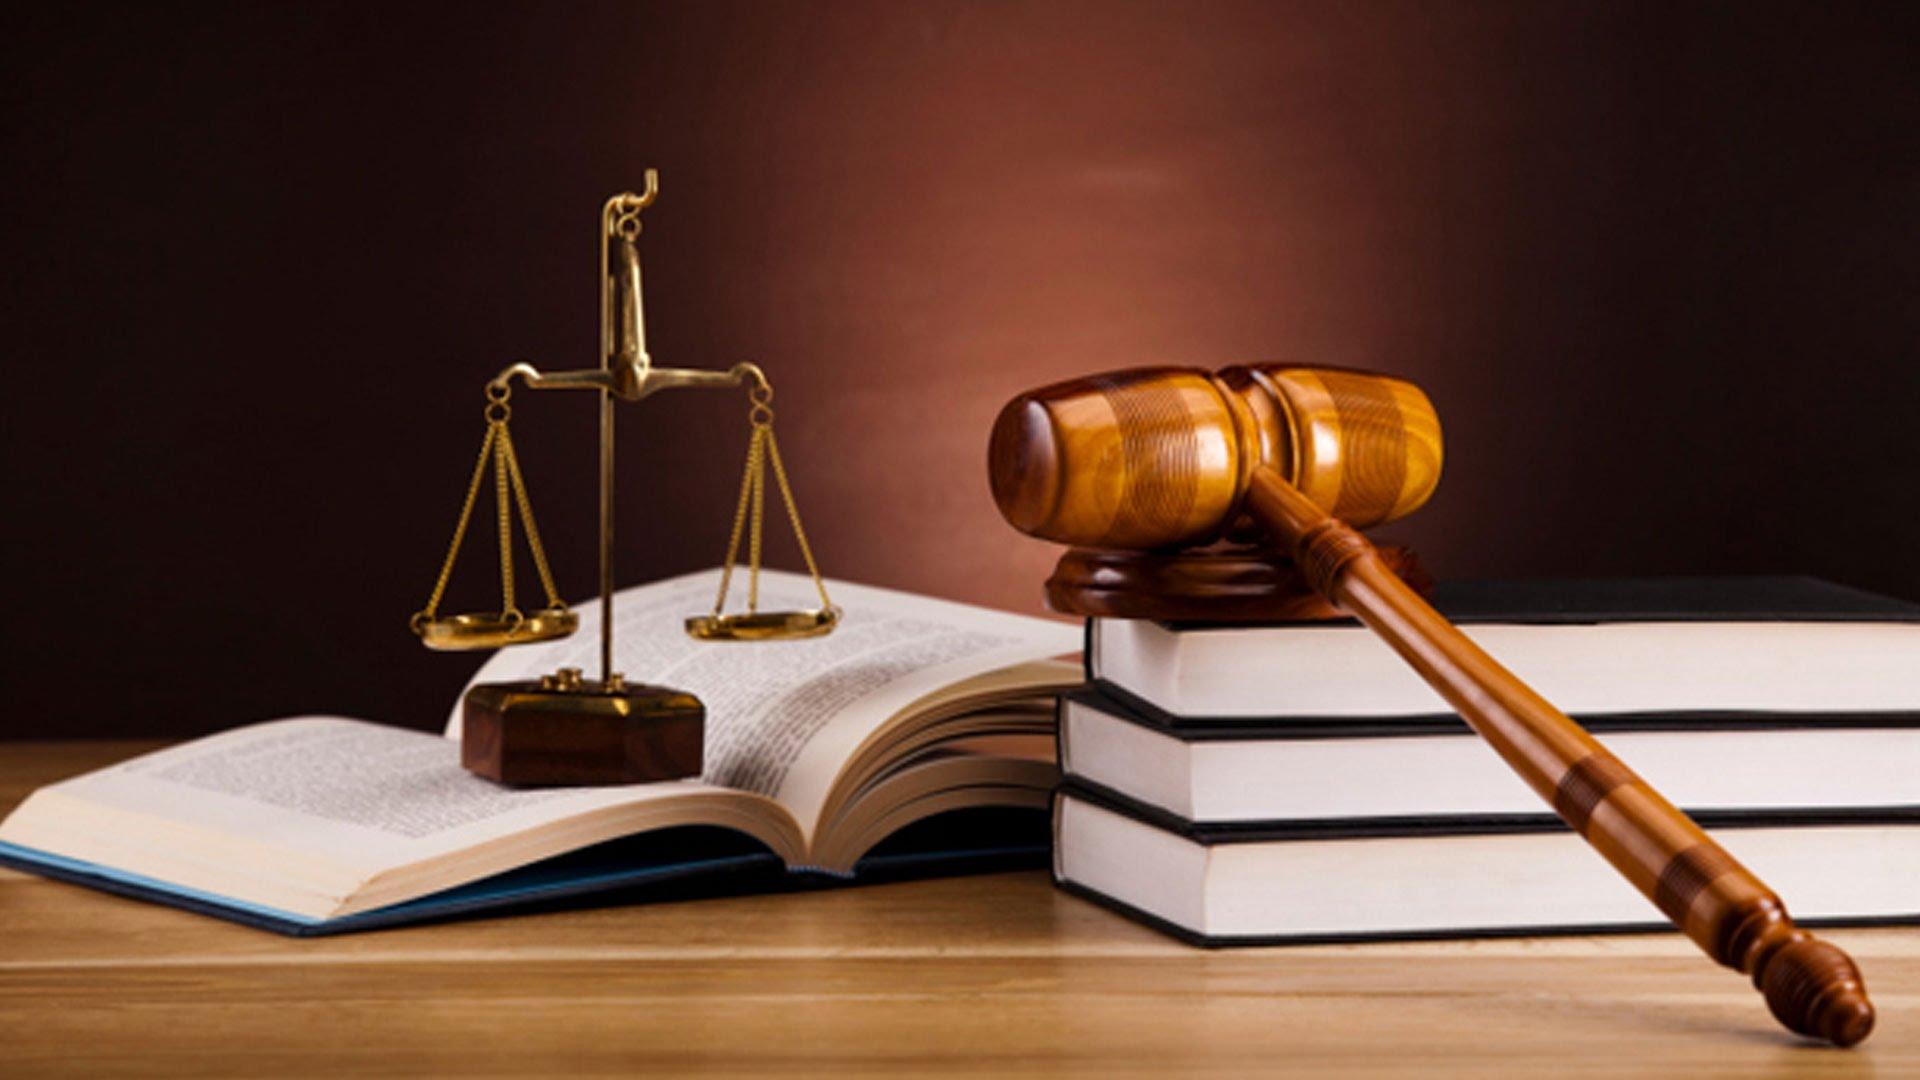 Bạn phải trả bao nhiêu khi gặp luật sư ở Úc2 - Bạn phải trả bao nhiêu khi gặp luật sư ở Úc?